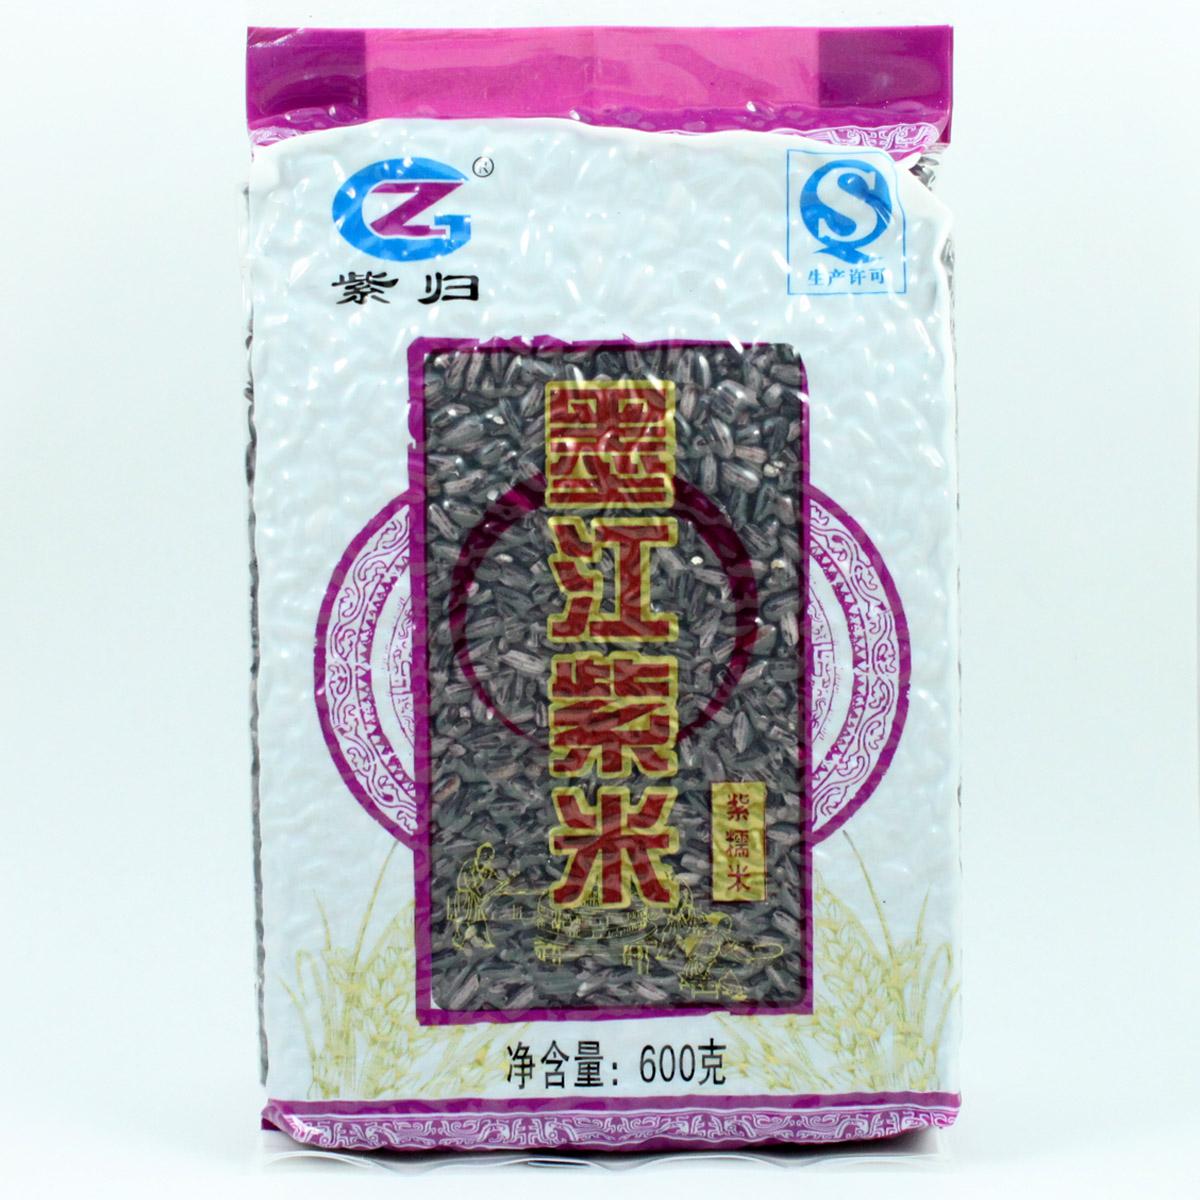 (2袋包邮)云南特产 紫归 墨江紫米600g 紫糯米